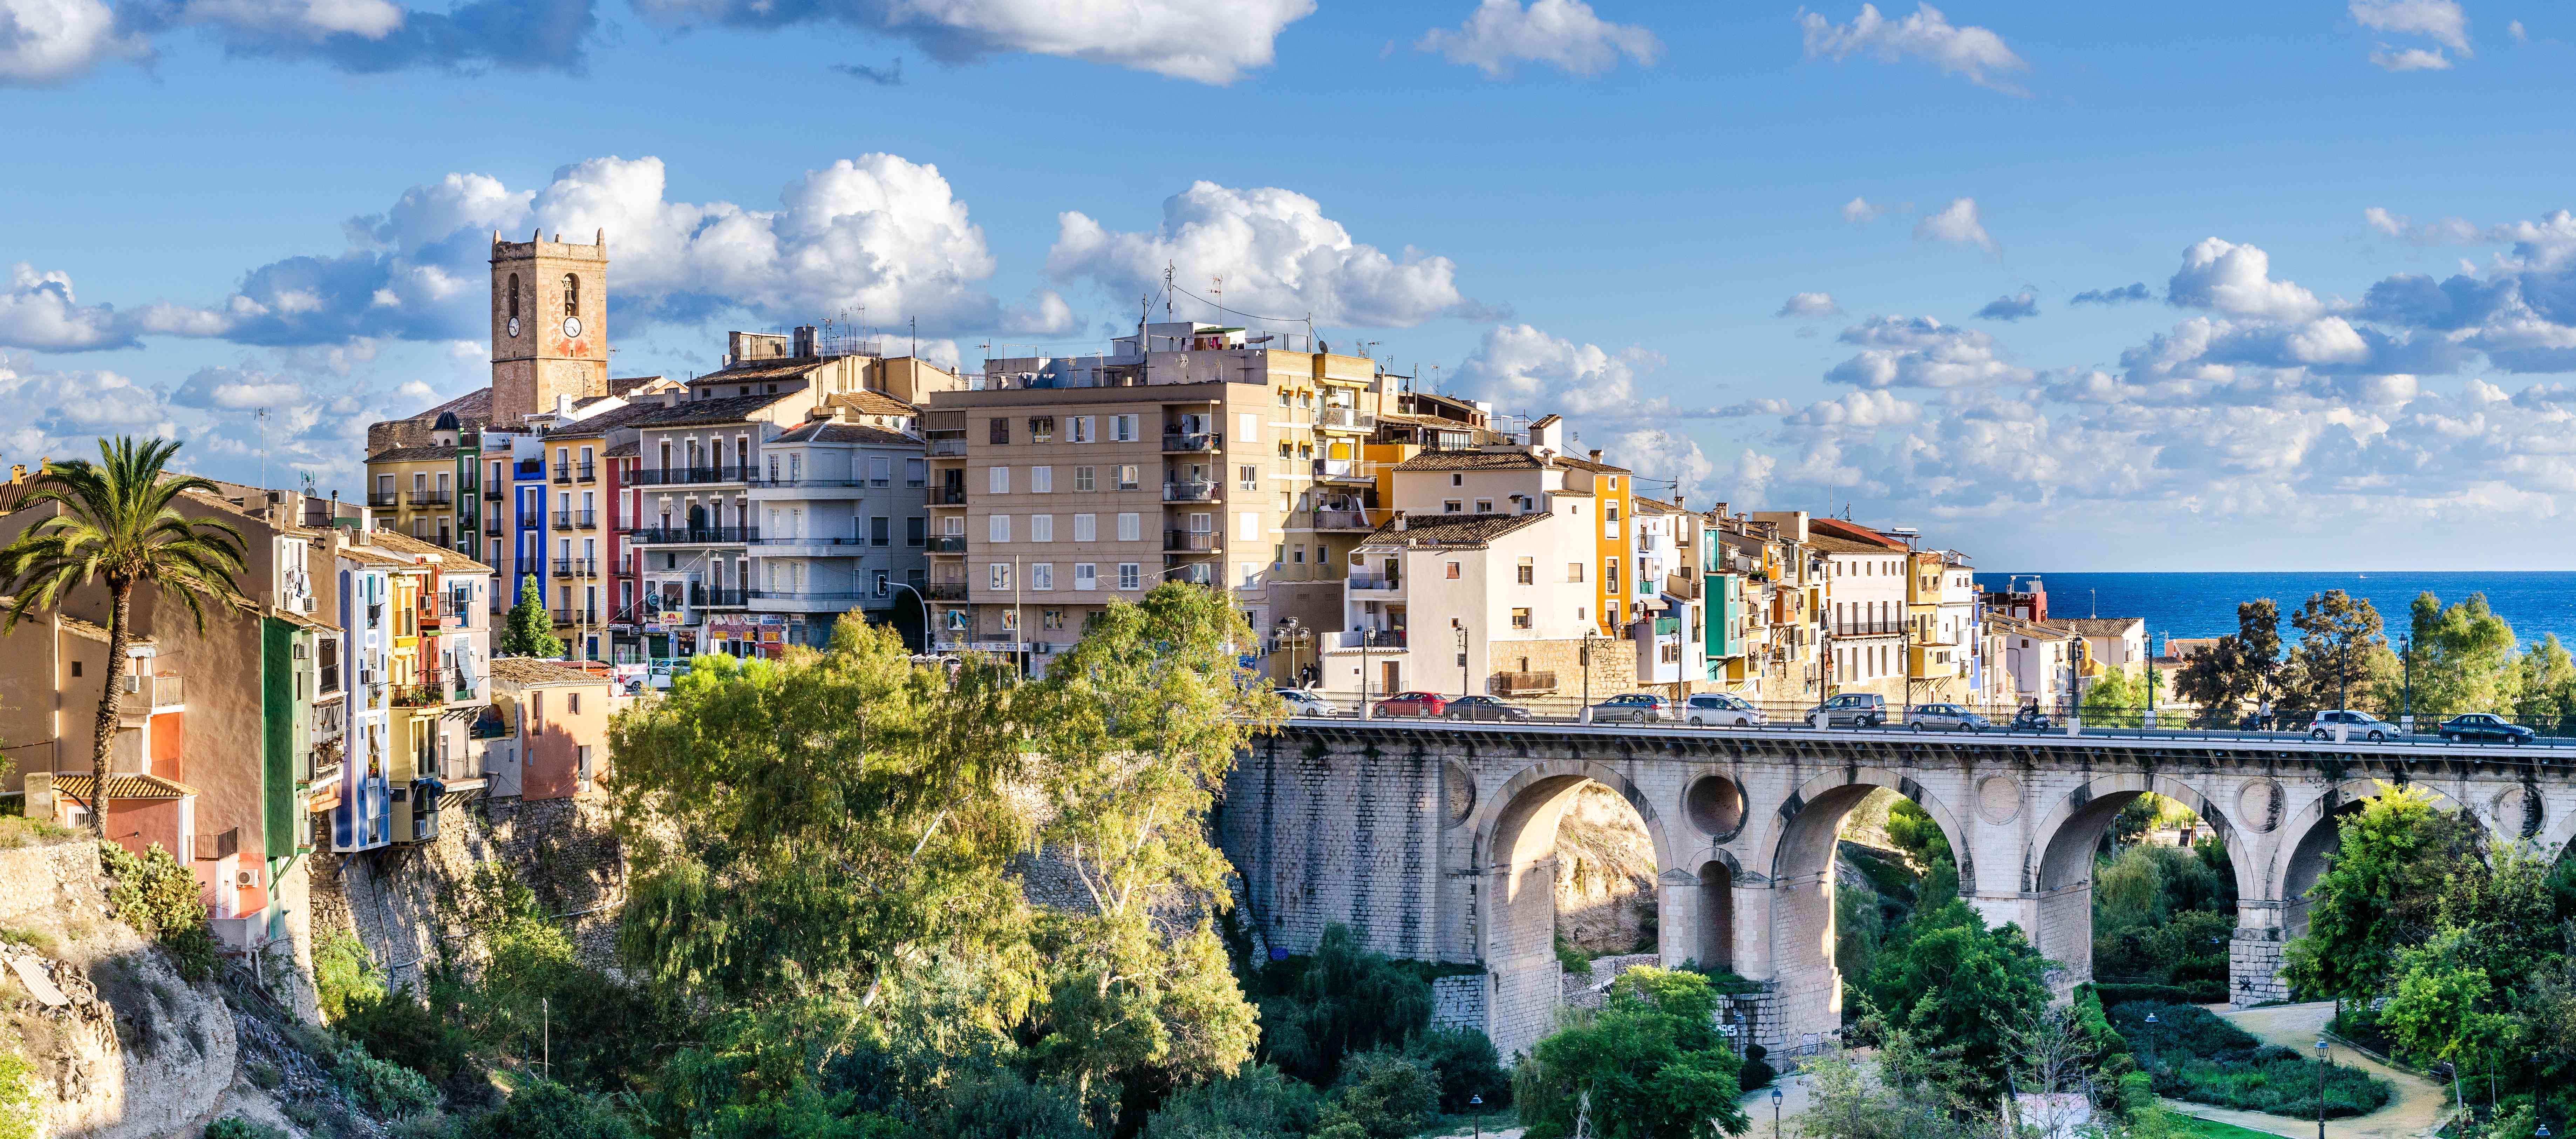 PACO LLORET-FOTÓGRAFO | Benidorm Spain | 360 3D VR tours